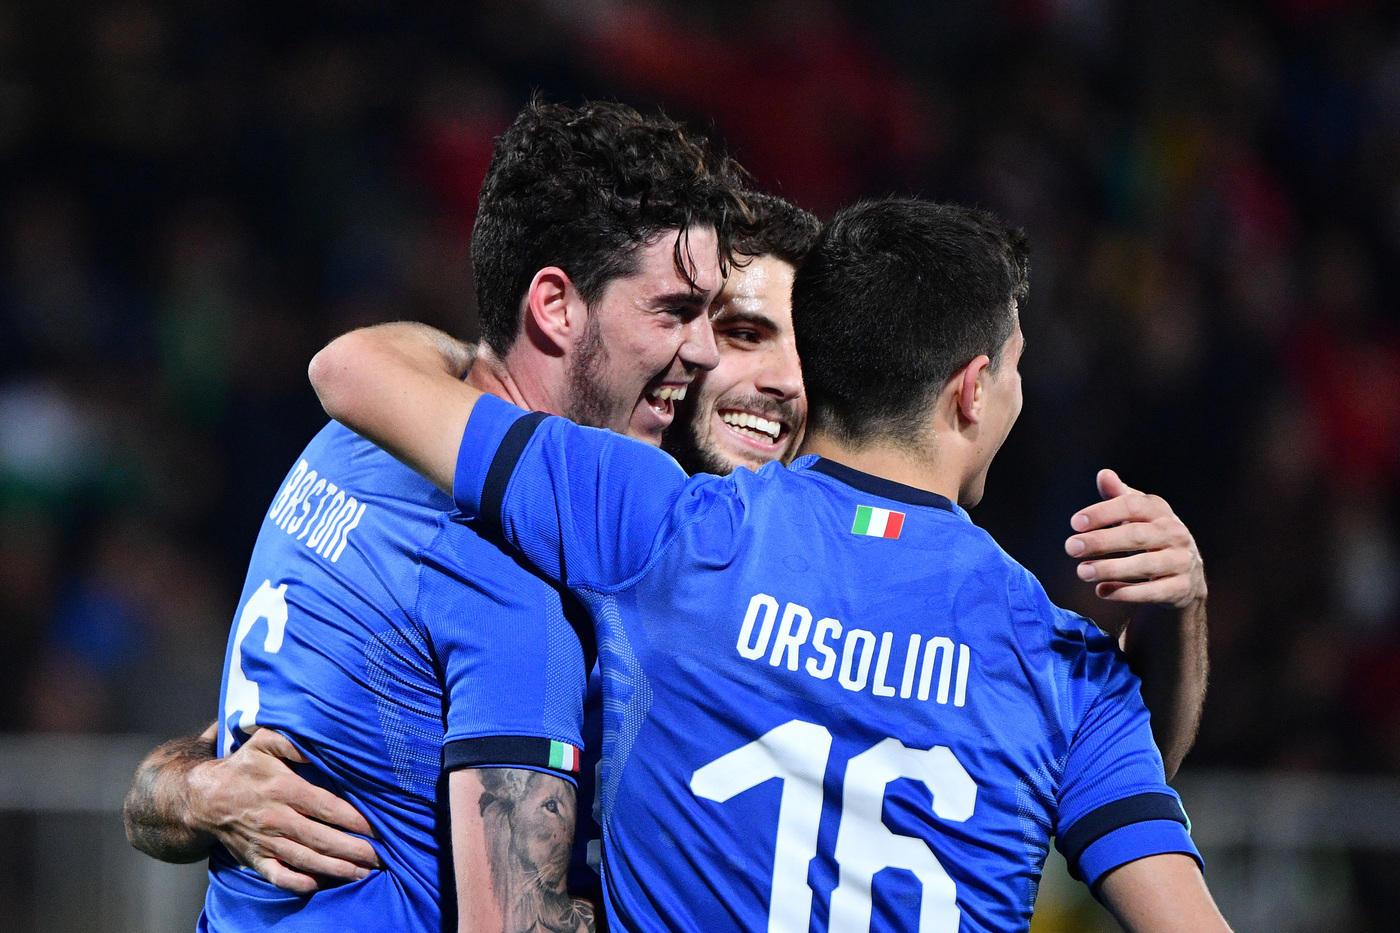 Le immagini dell'amichevole tra Italia e Croazia Under 21 finita 2-2